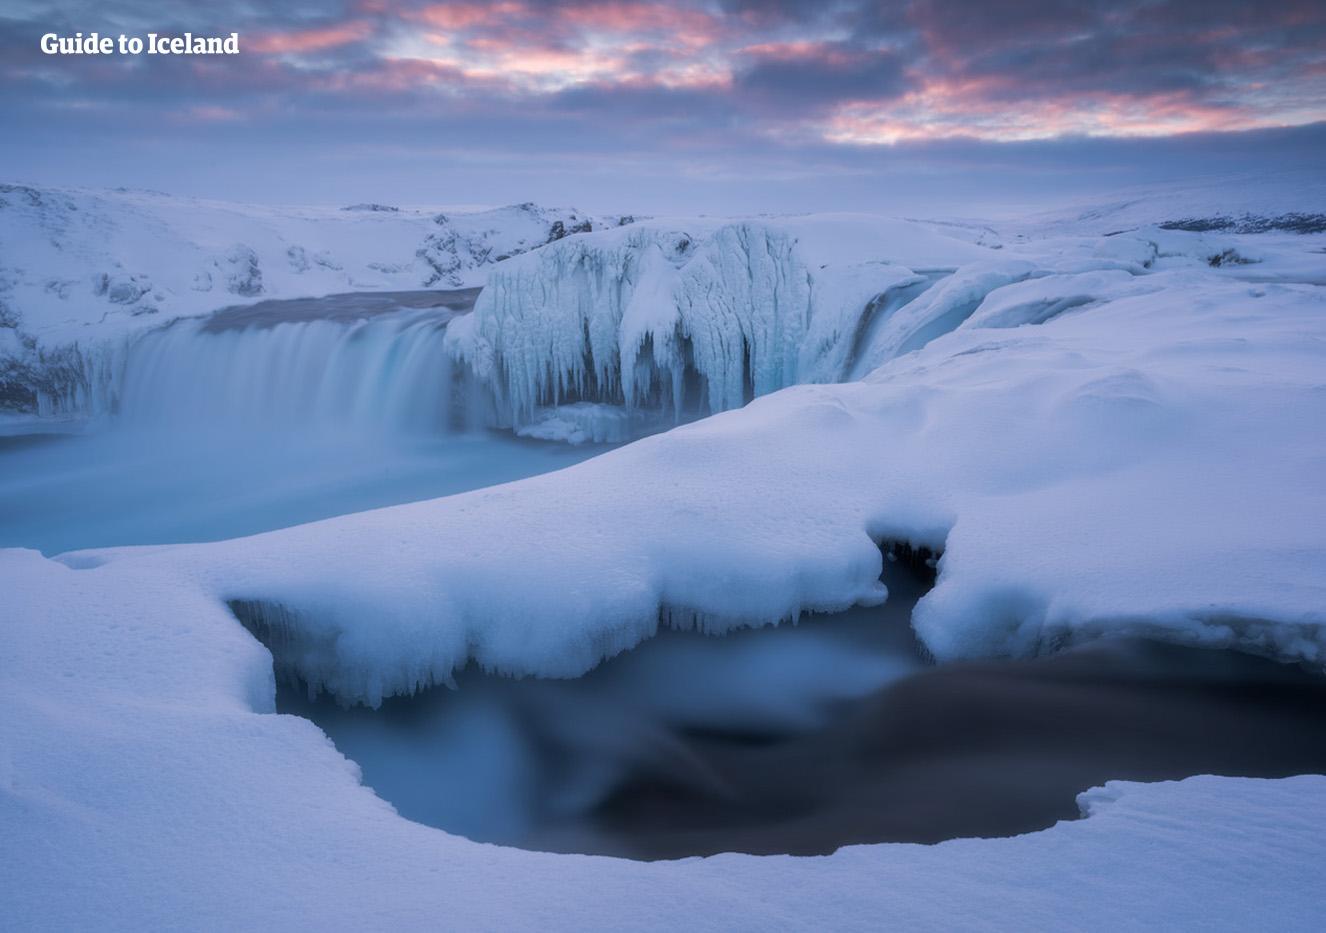 아이슬란드 북부의 수도 아큐레이리 주변으로는 겨울에 더욱 빛나는 폭포가 많이 있습니다.